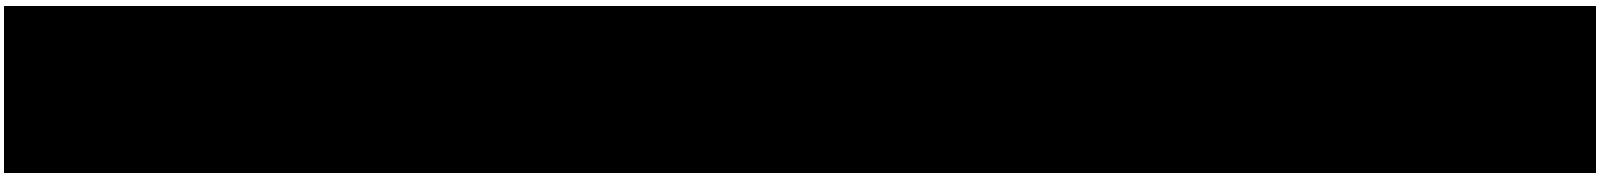 埼玉県気候変動適応センターロゴ